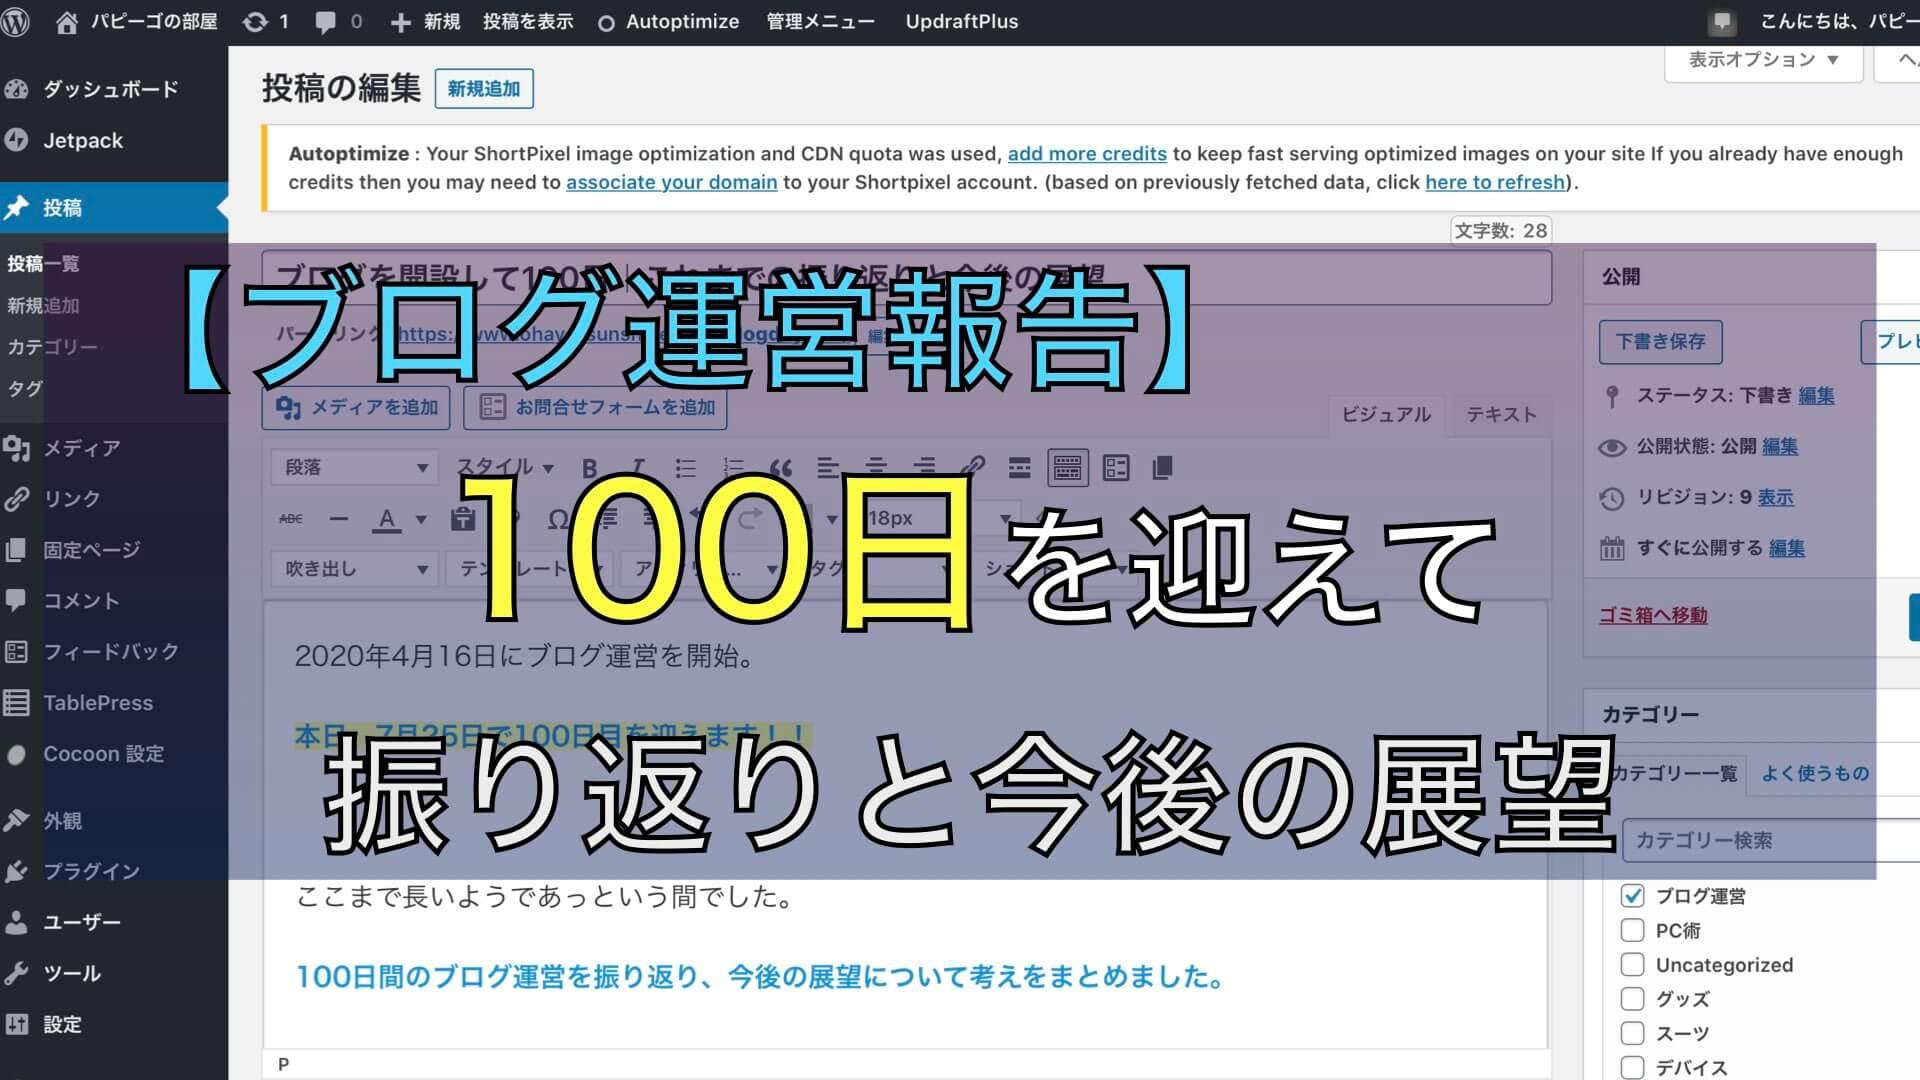 【ブログ運営報告】100日目を迎えたこれまでの振り返りと今後の展望